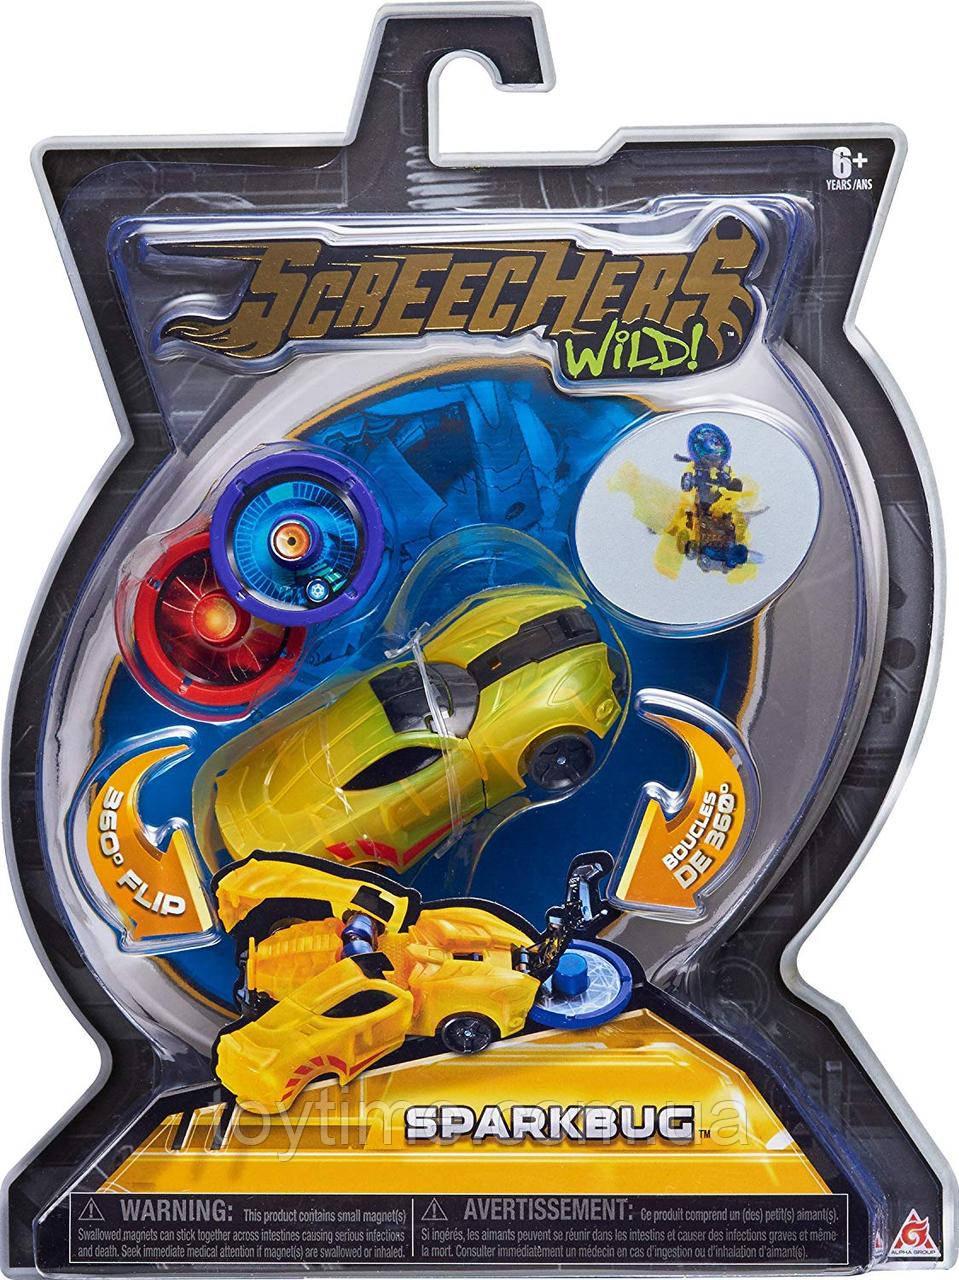 Машинка-трансформер Скричерс - Спаркбаг - Уровень 1 / Screechers Wild - Sparkbug - Level 1